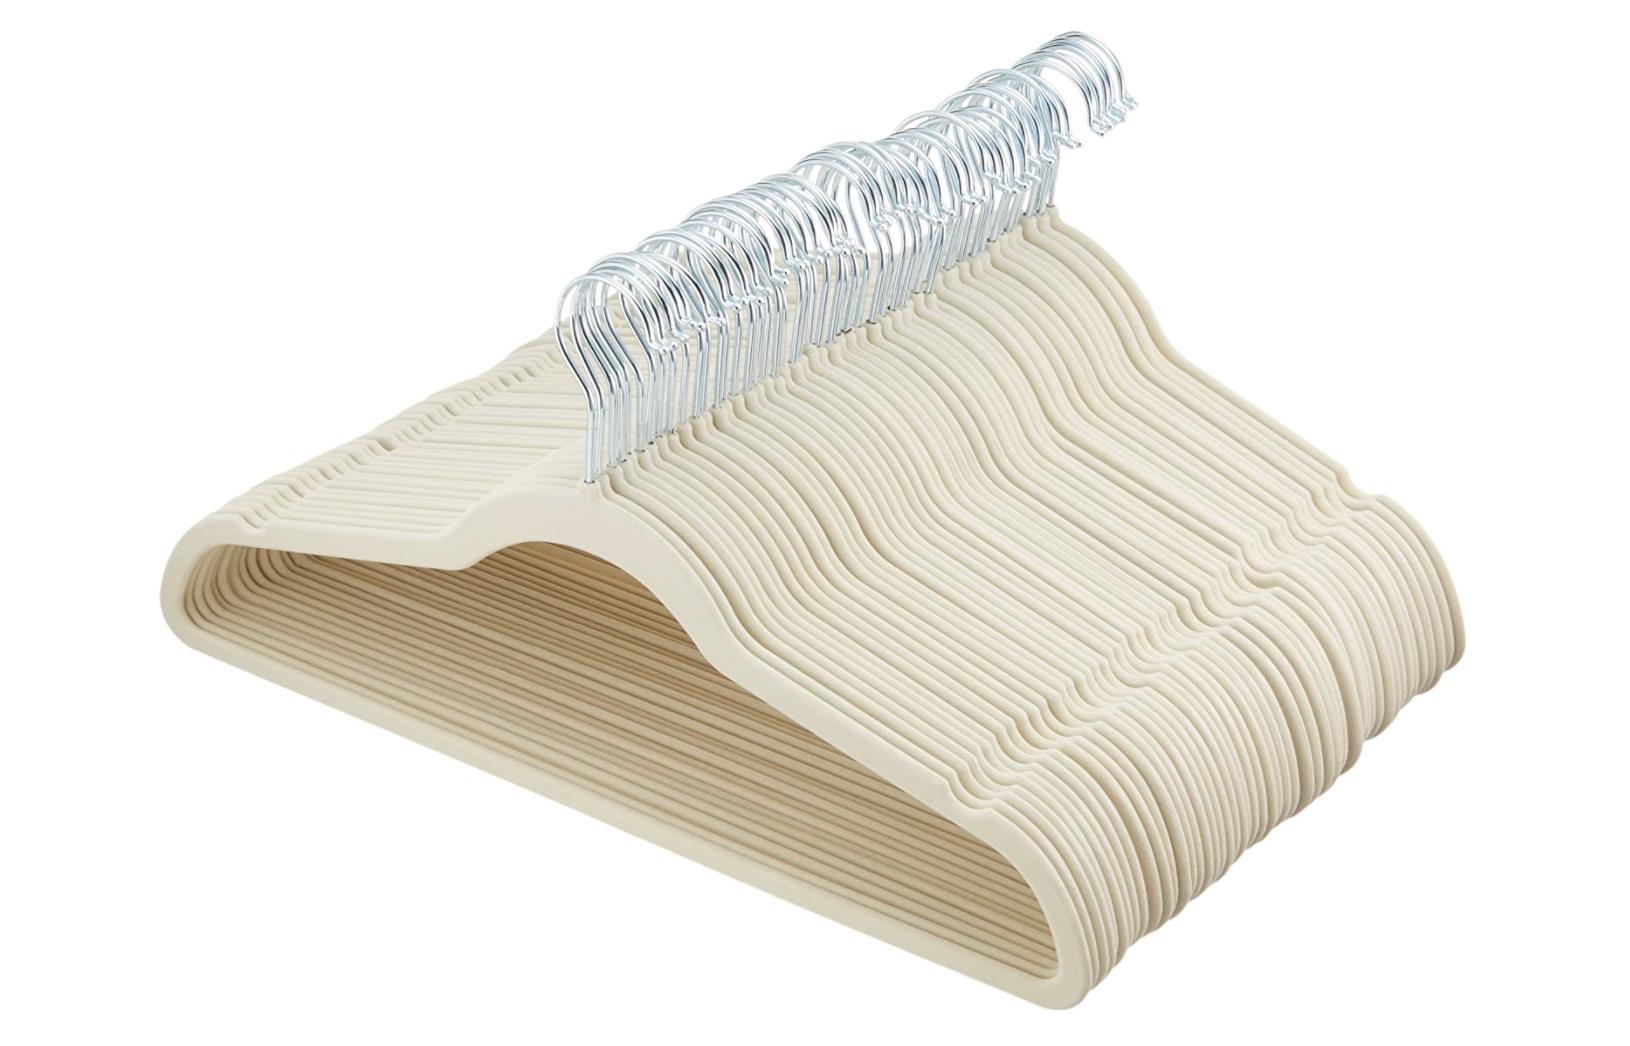 velvet hangers, best way to organize closet